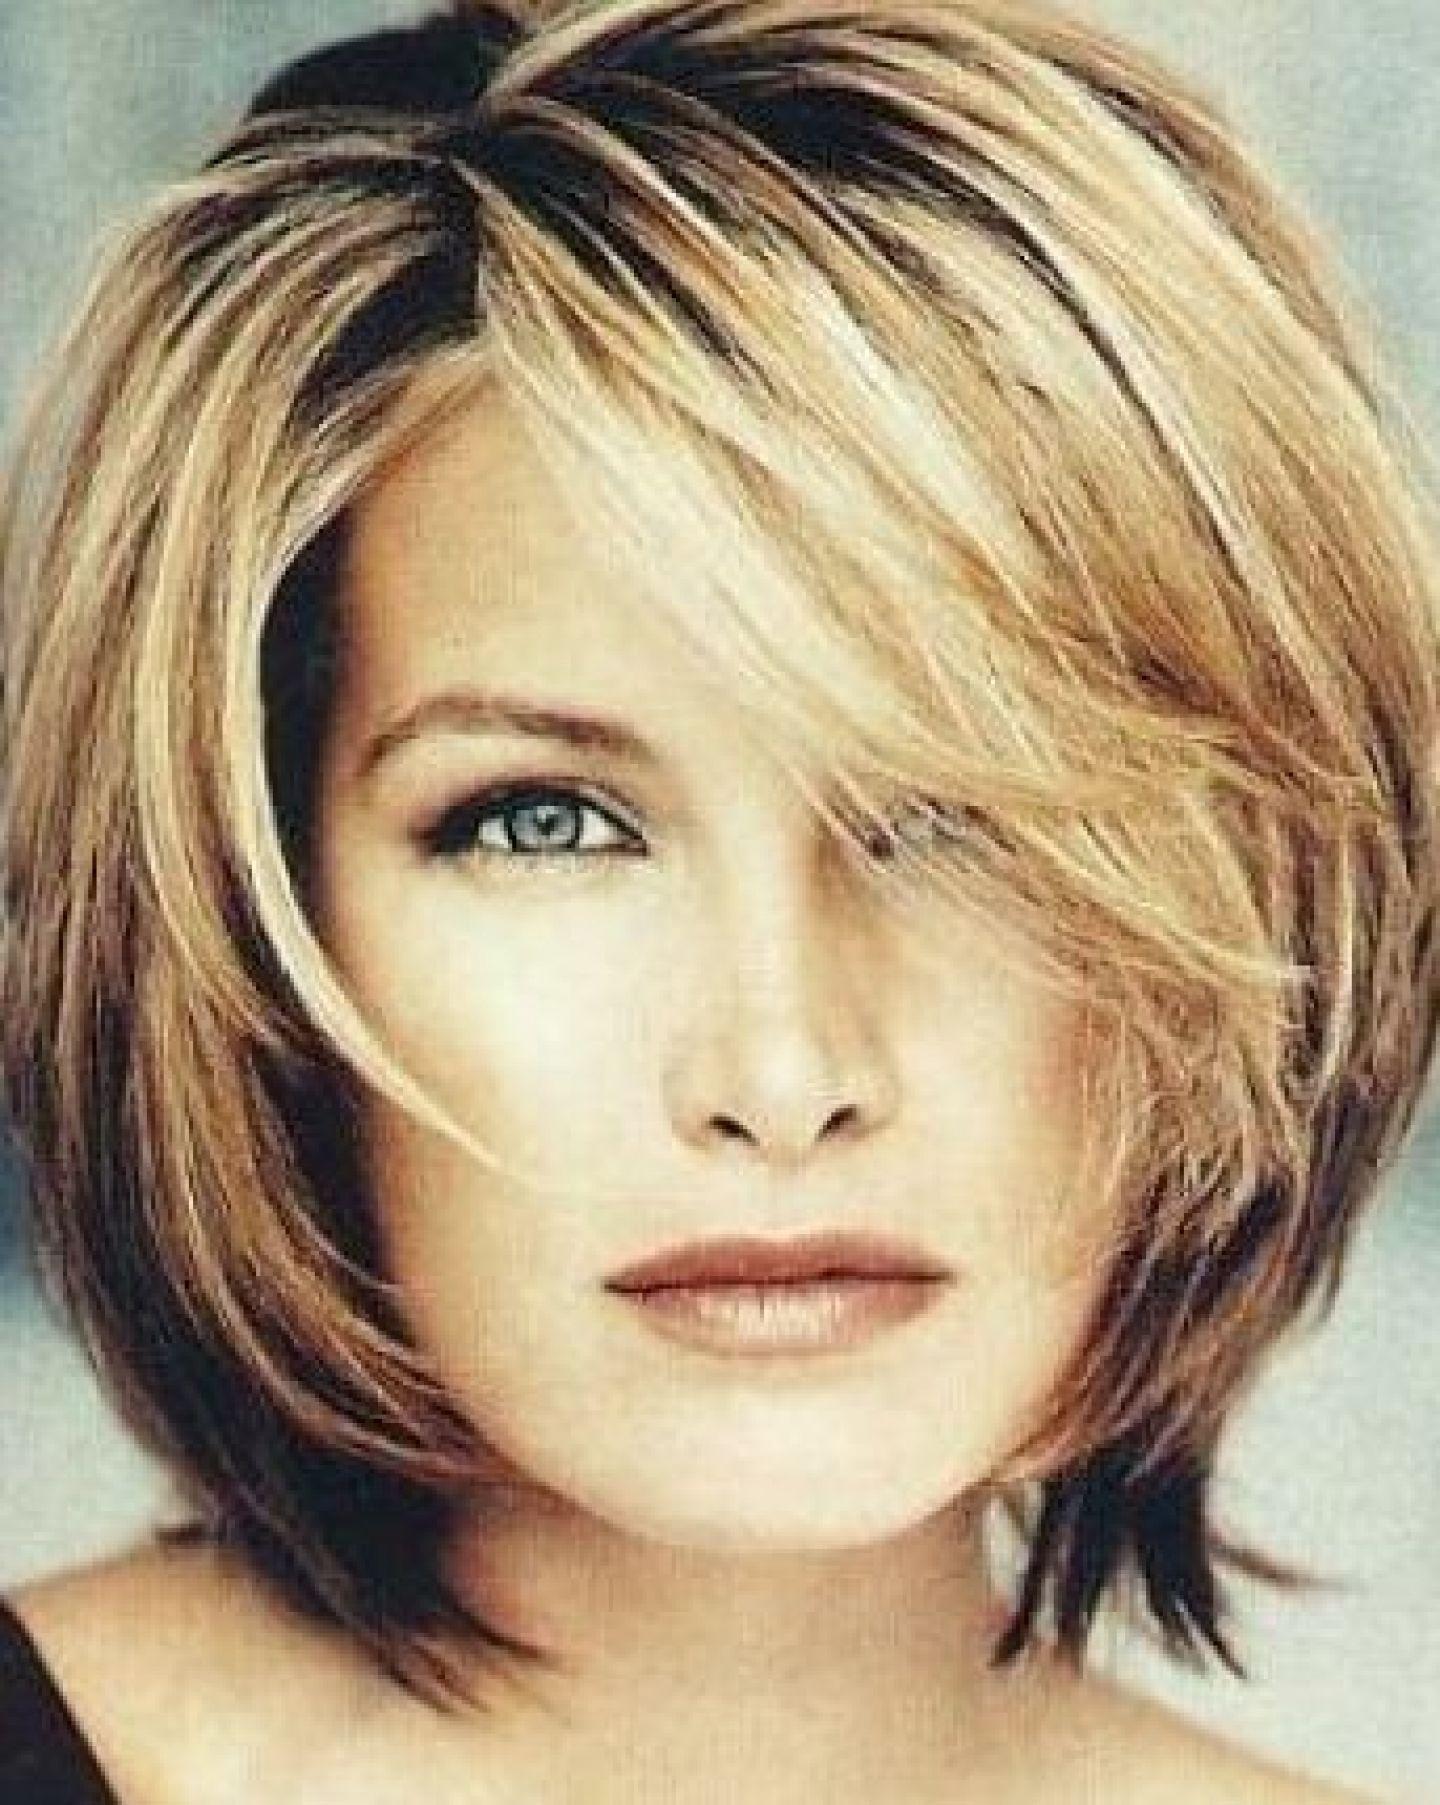 Schöne Frisuren Für Feines Haar Neue Haare Frisuren Hair Styles